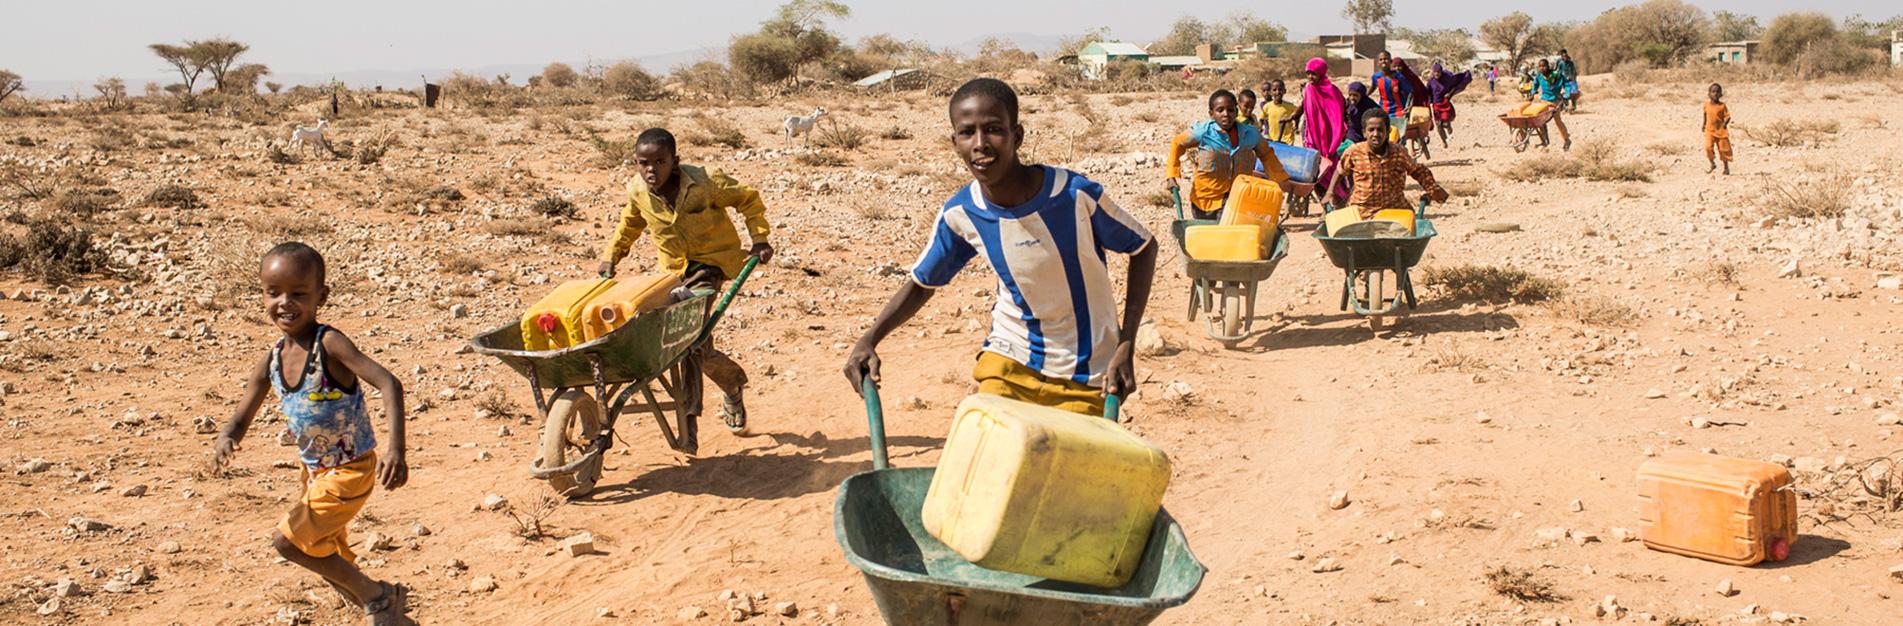 Hungersnot in Afrika – Über 11 Millionen Franken Spenden bei der Glückskette eingegangen